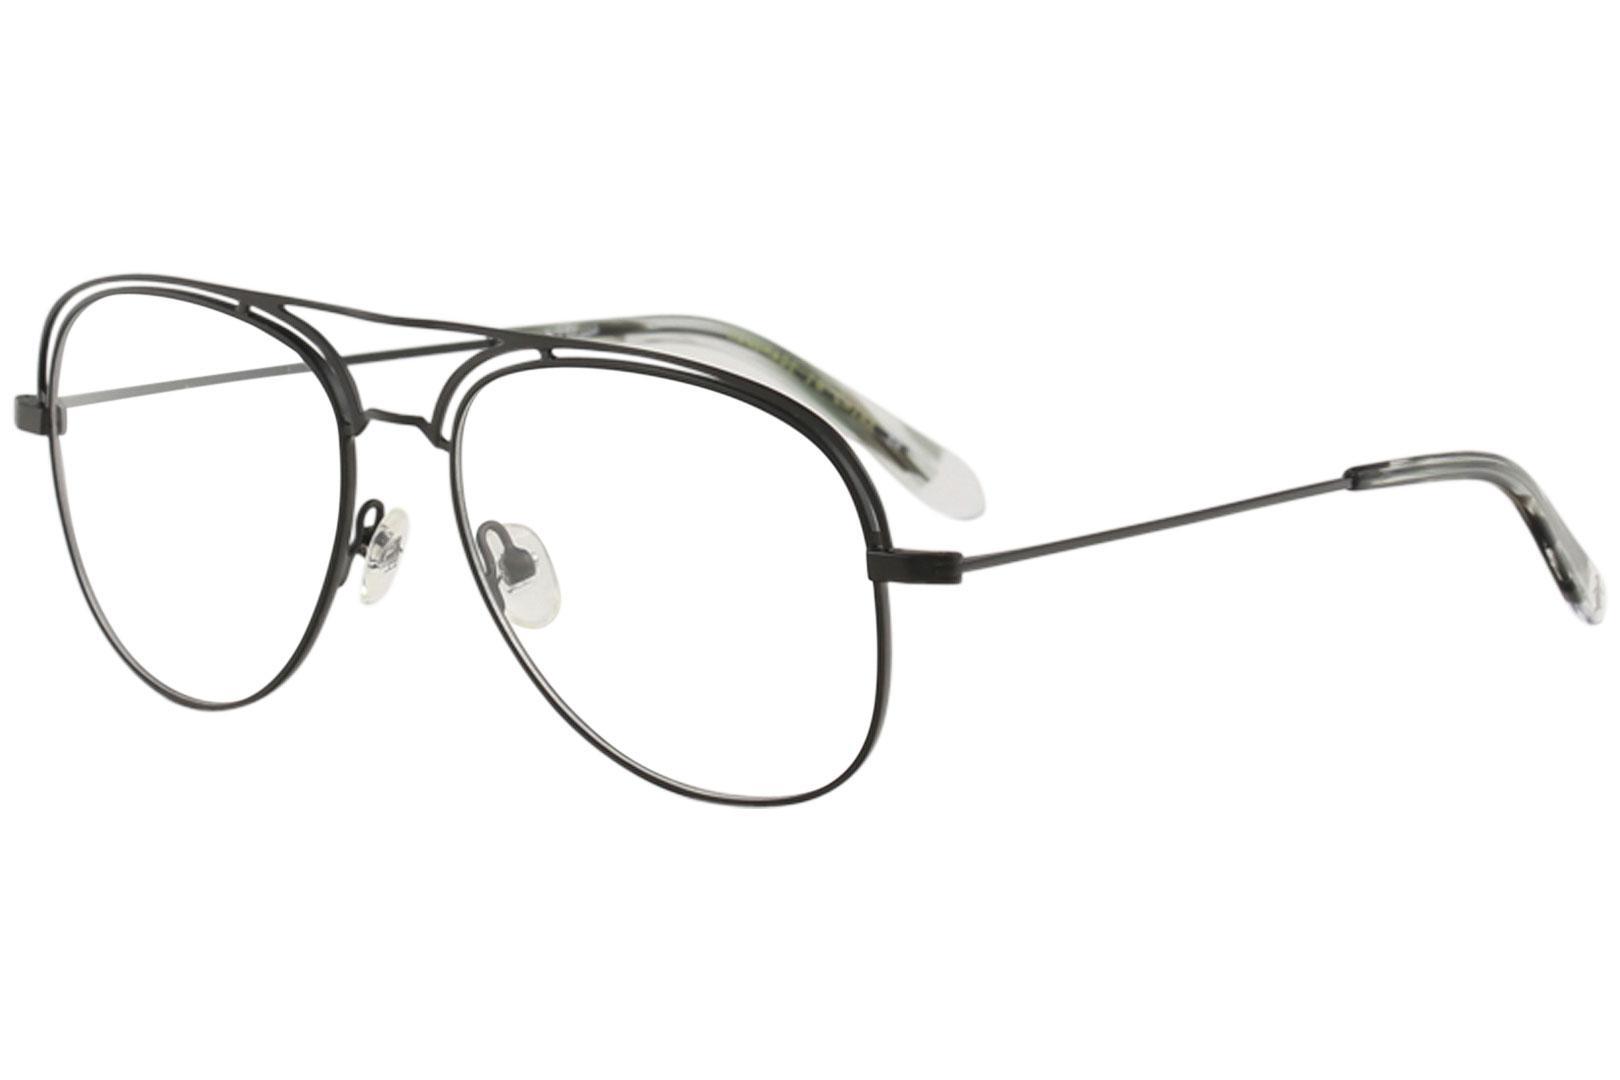 Image of Original Penguin Men's Eyeglasses The Daddy Full Rim Optical Frame - Black - Lens 55 Bridge 16 Temple 145mm